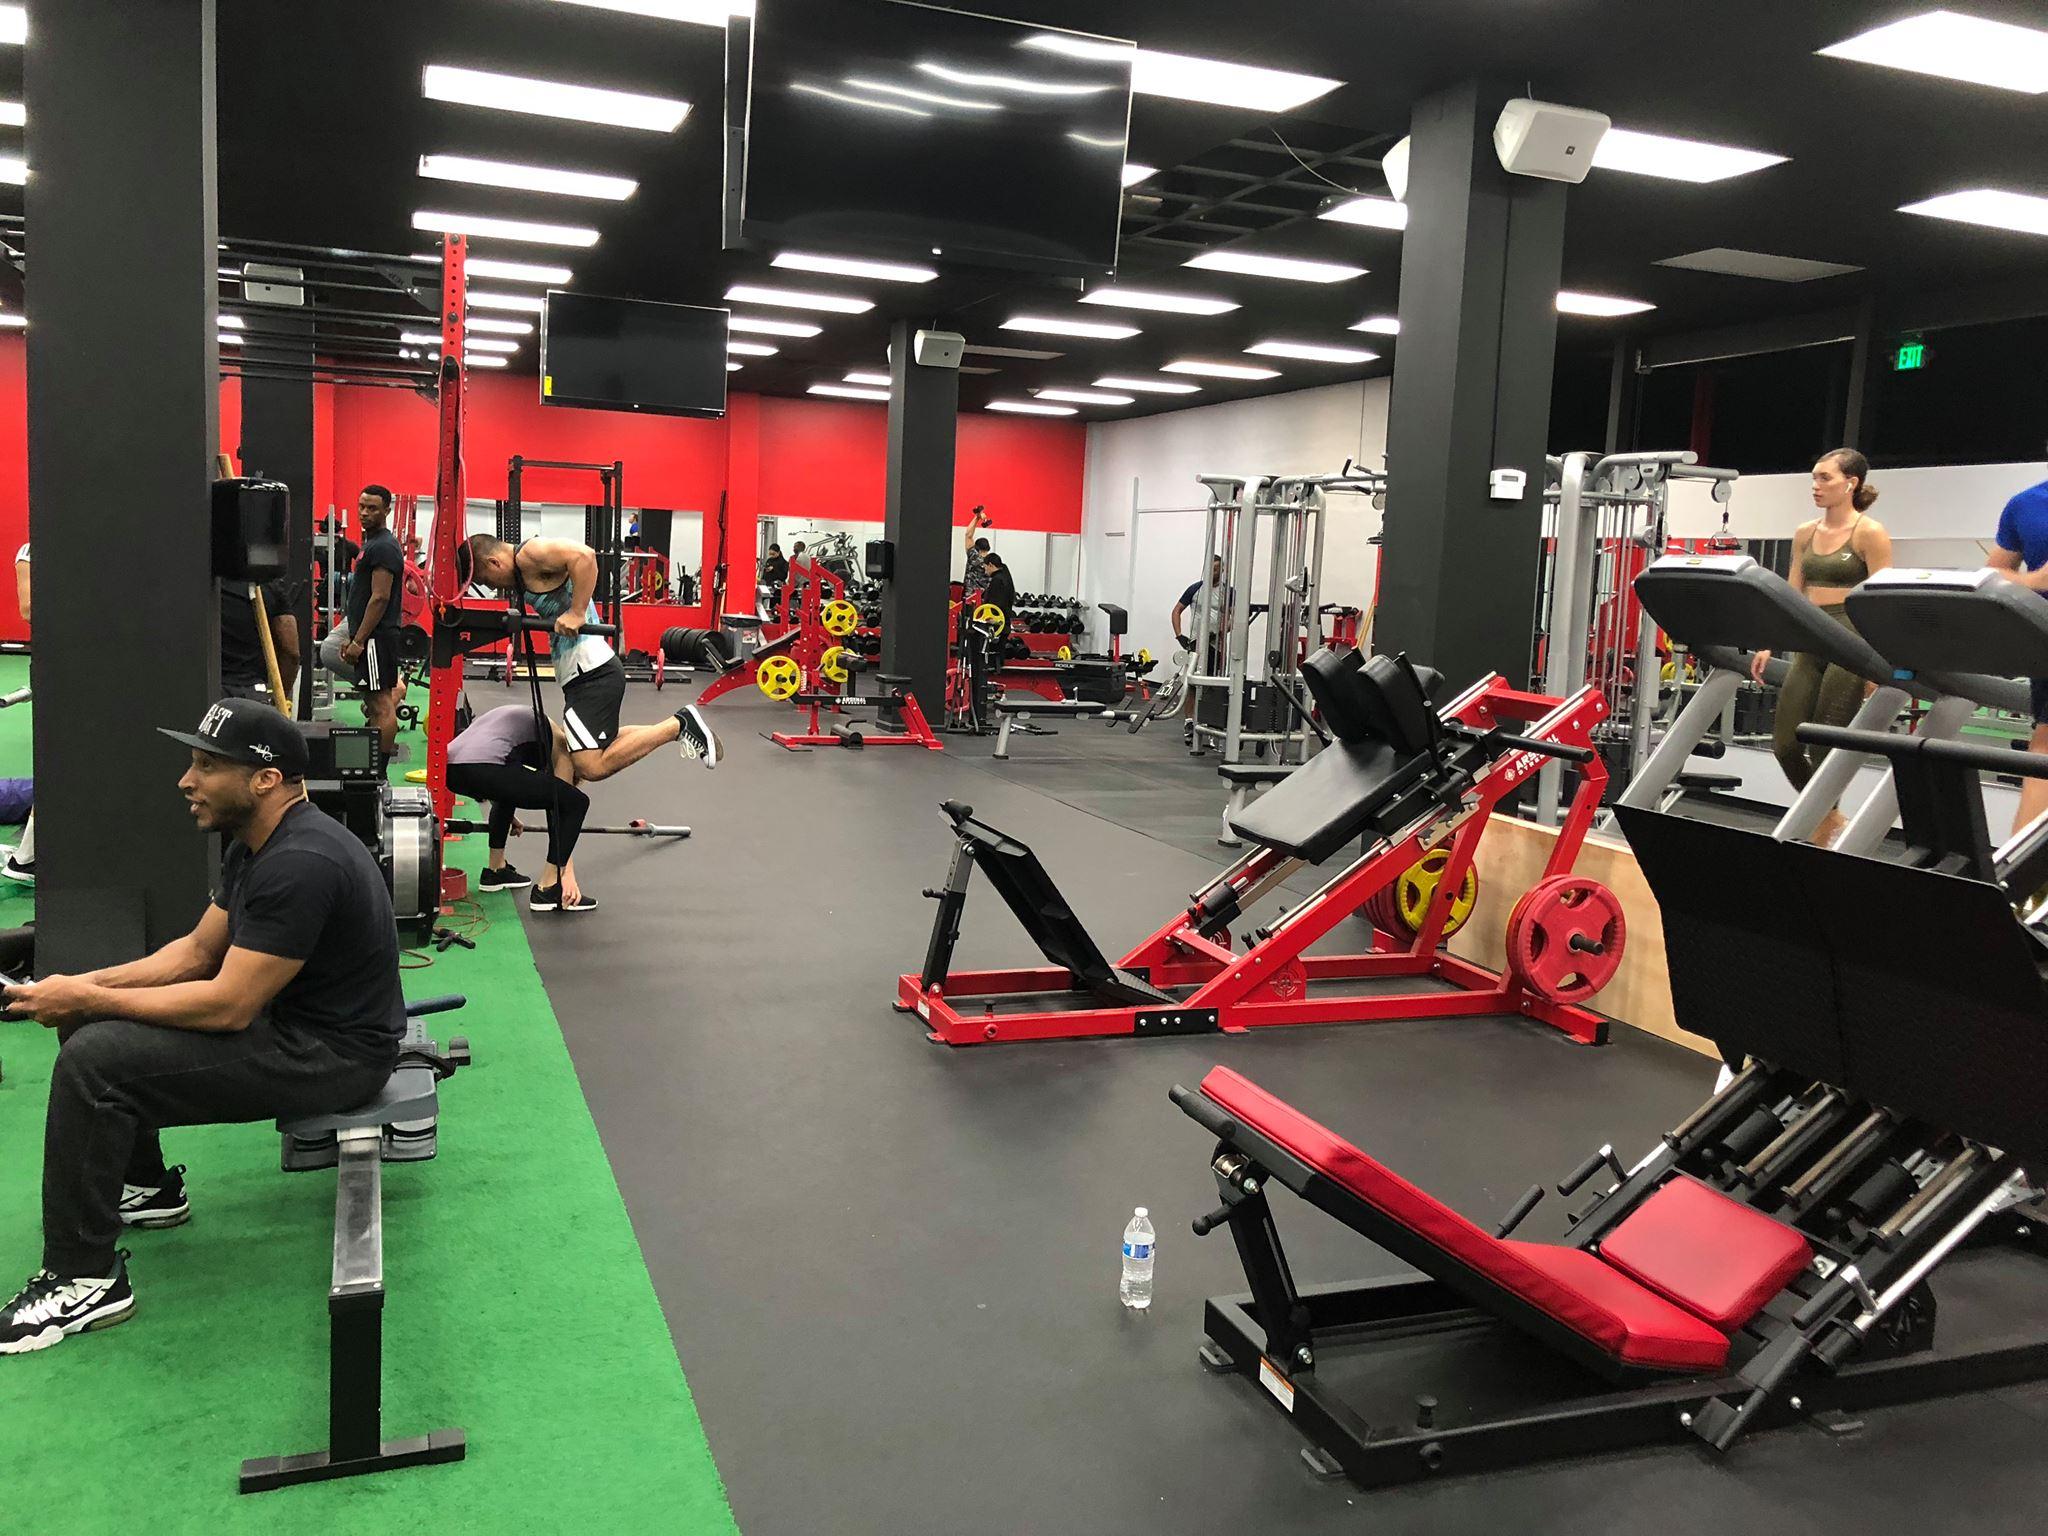 B.E.A.S.T Gym